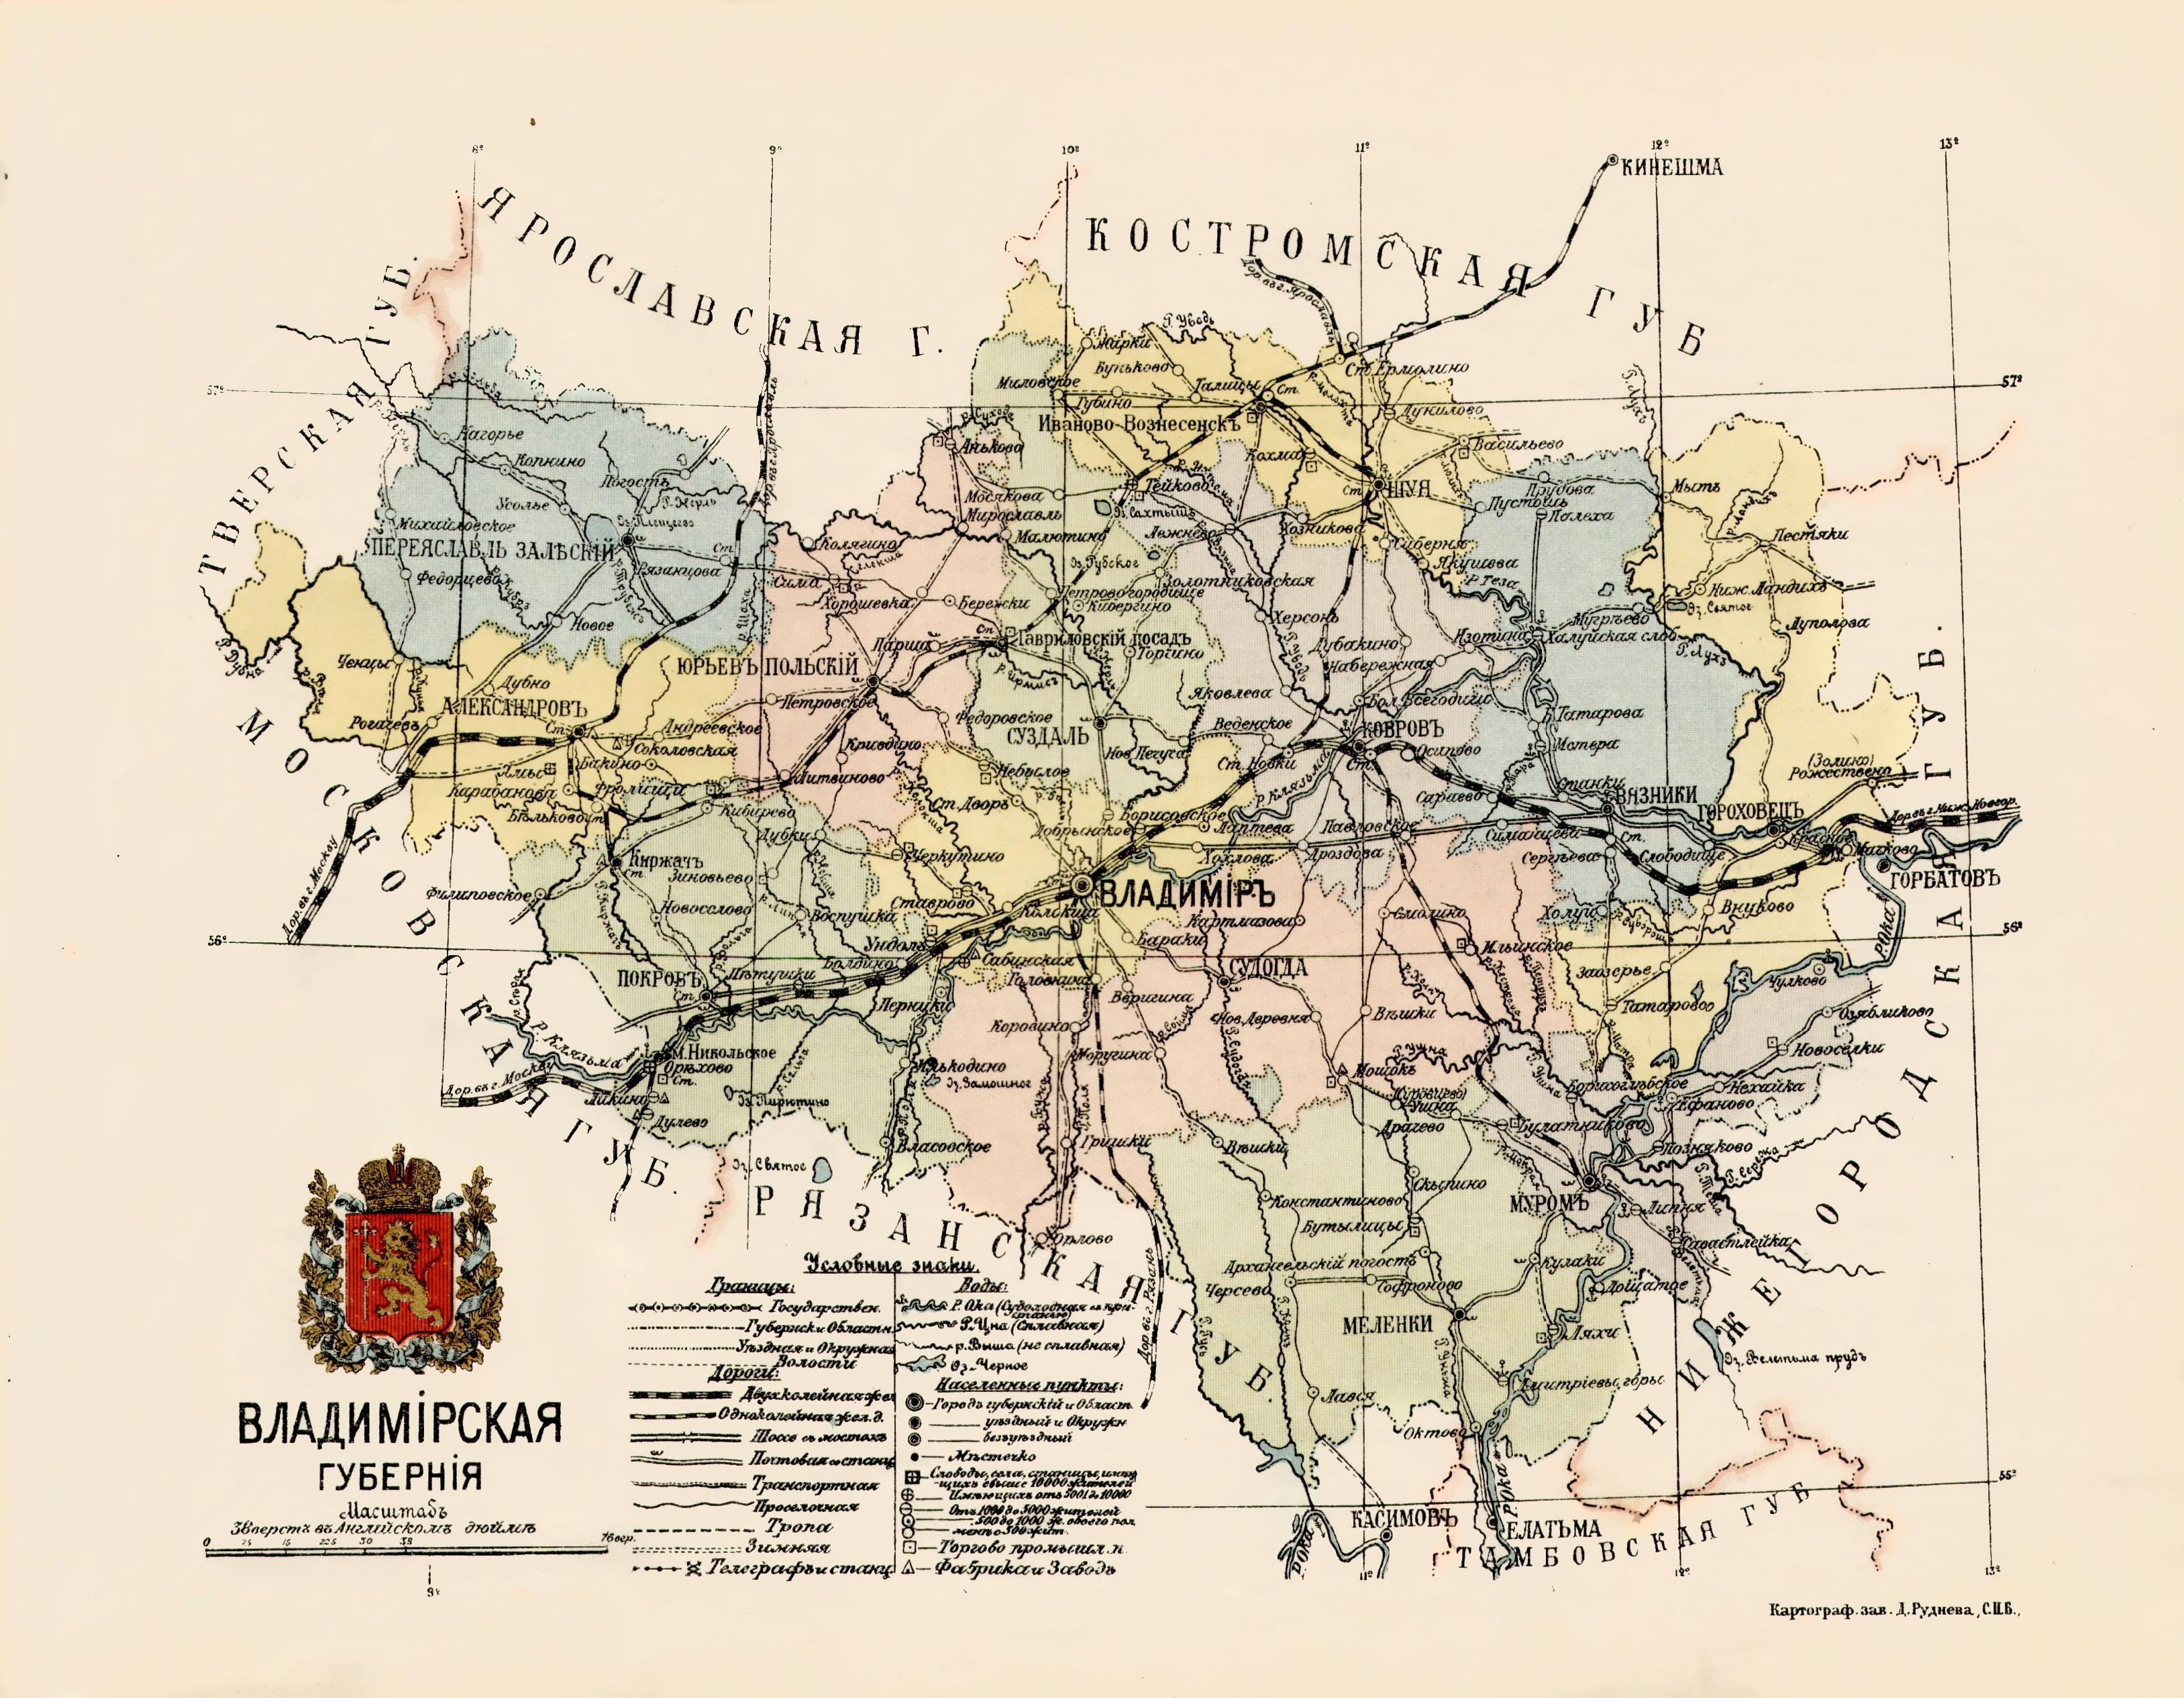 важно, старинные карты владимирской губернии с привязкой подробные модели